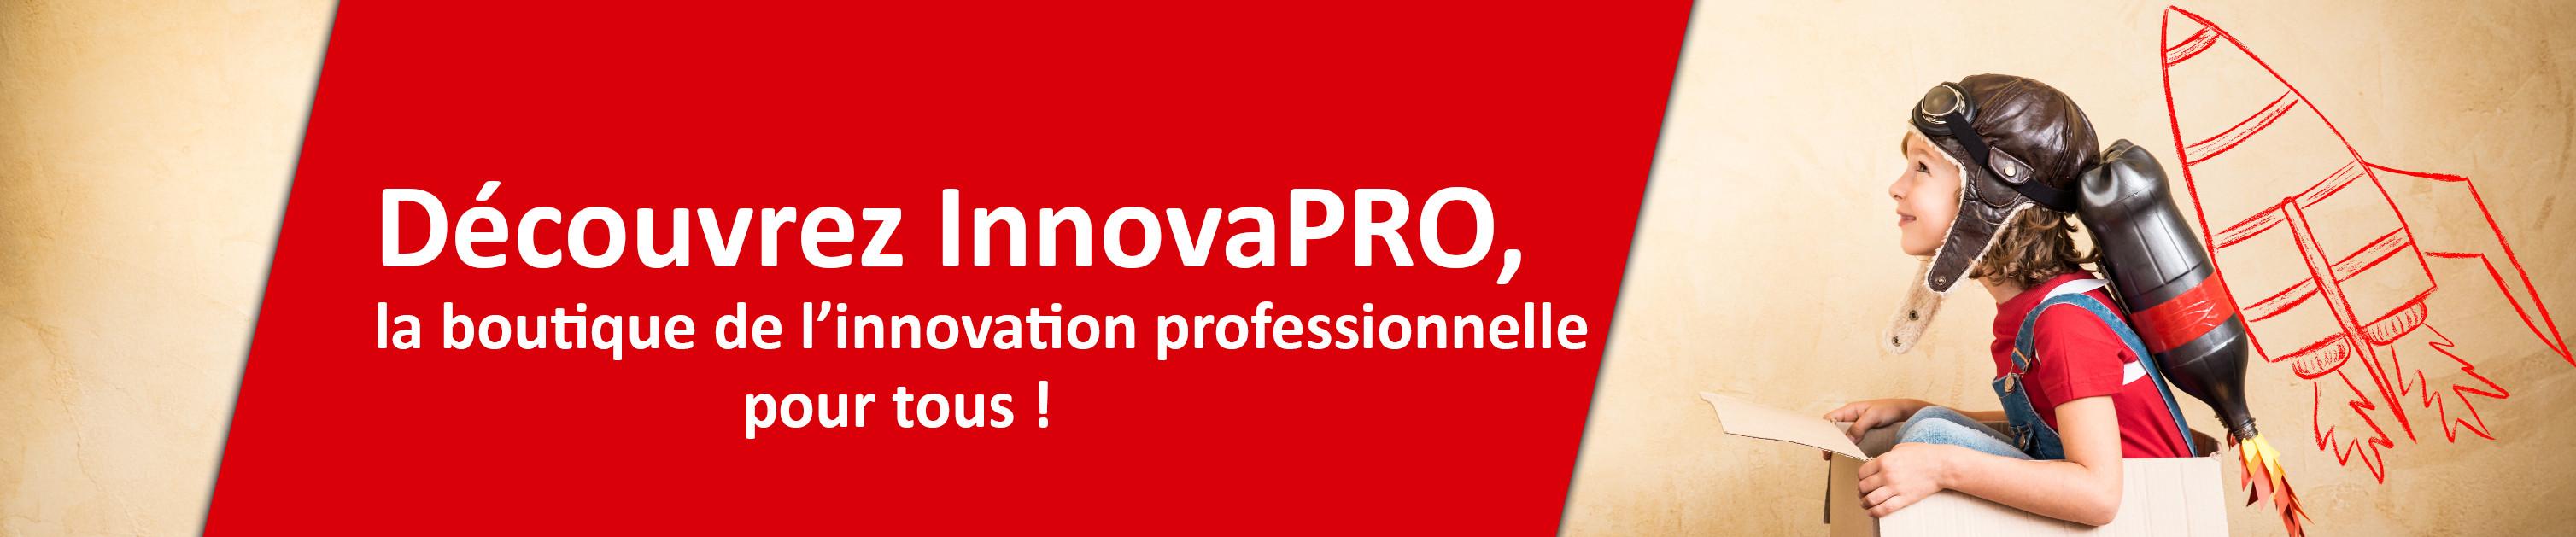 http://www.innovapro.fr/pub/Carrousel/slider-innovapro-2.jpg